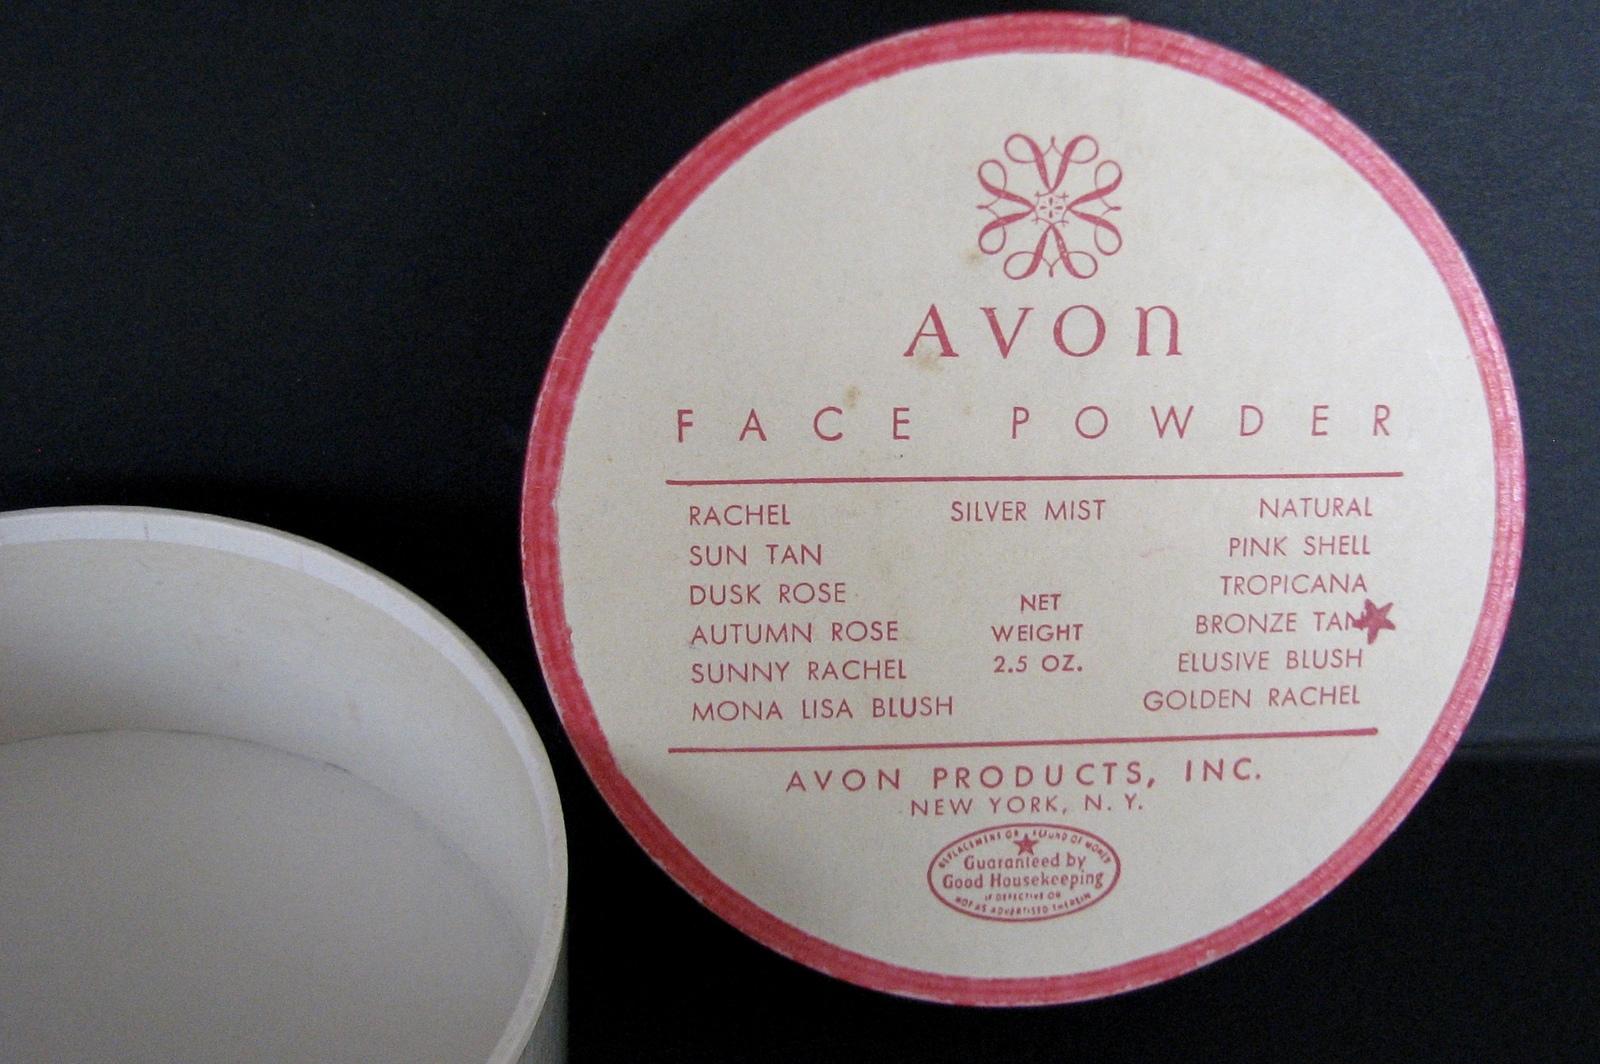 Vintage Powder Avon Unopened Face Movie Prop